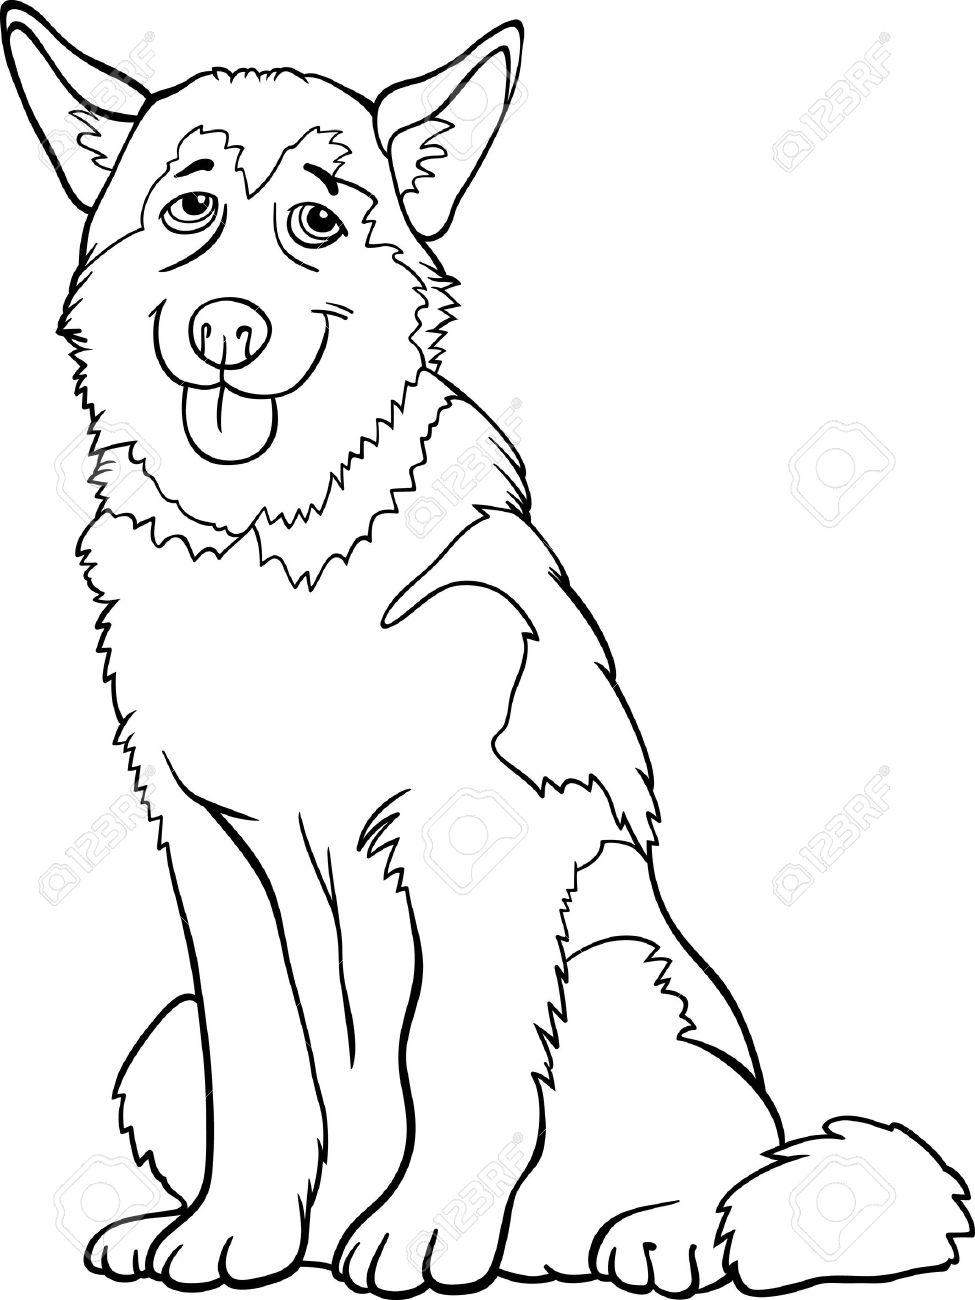 Siberian Husky coloring #18, Download drawings